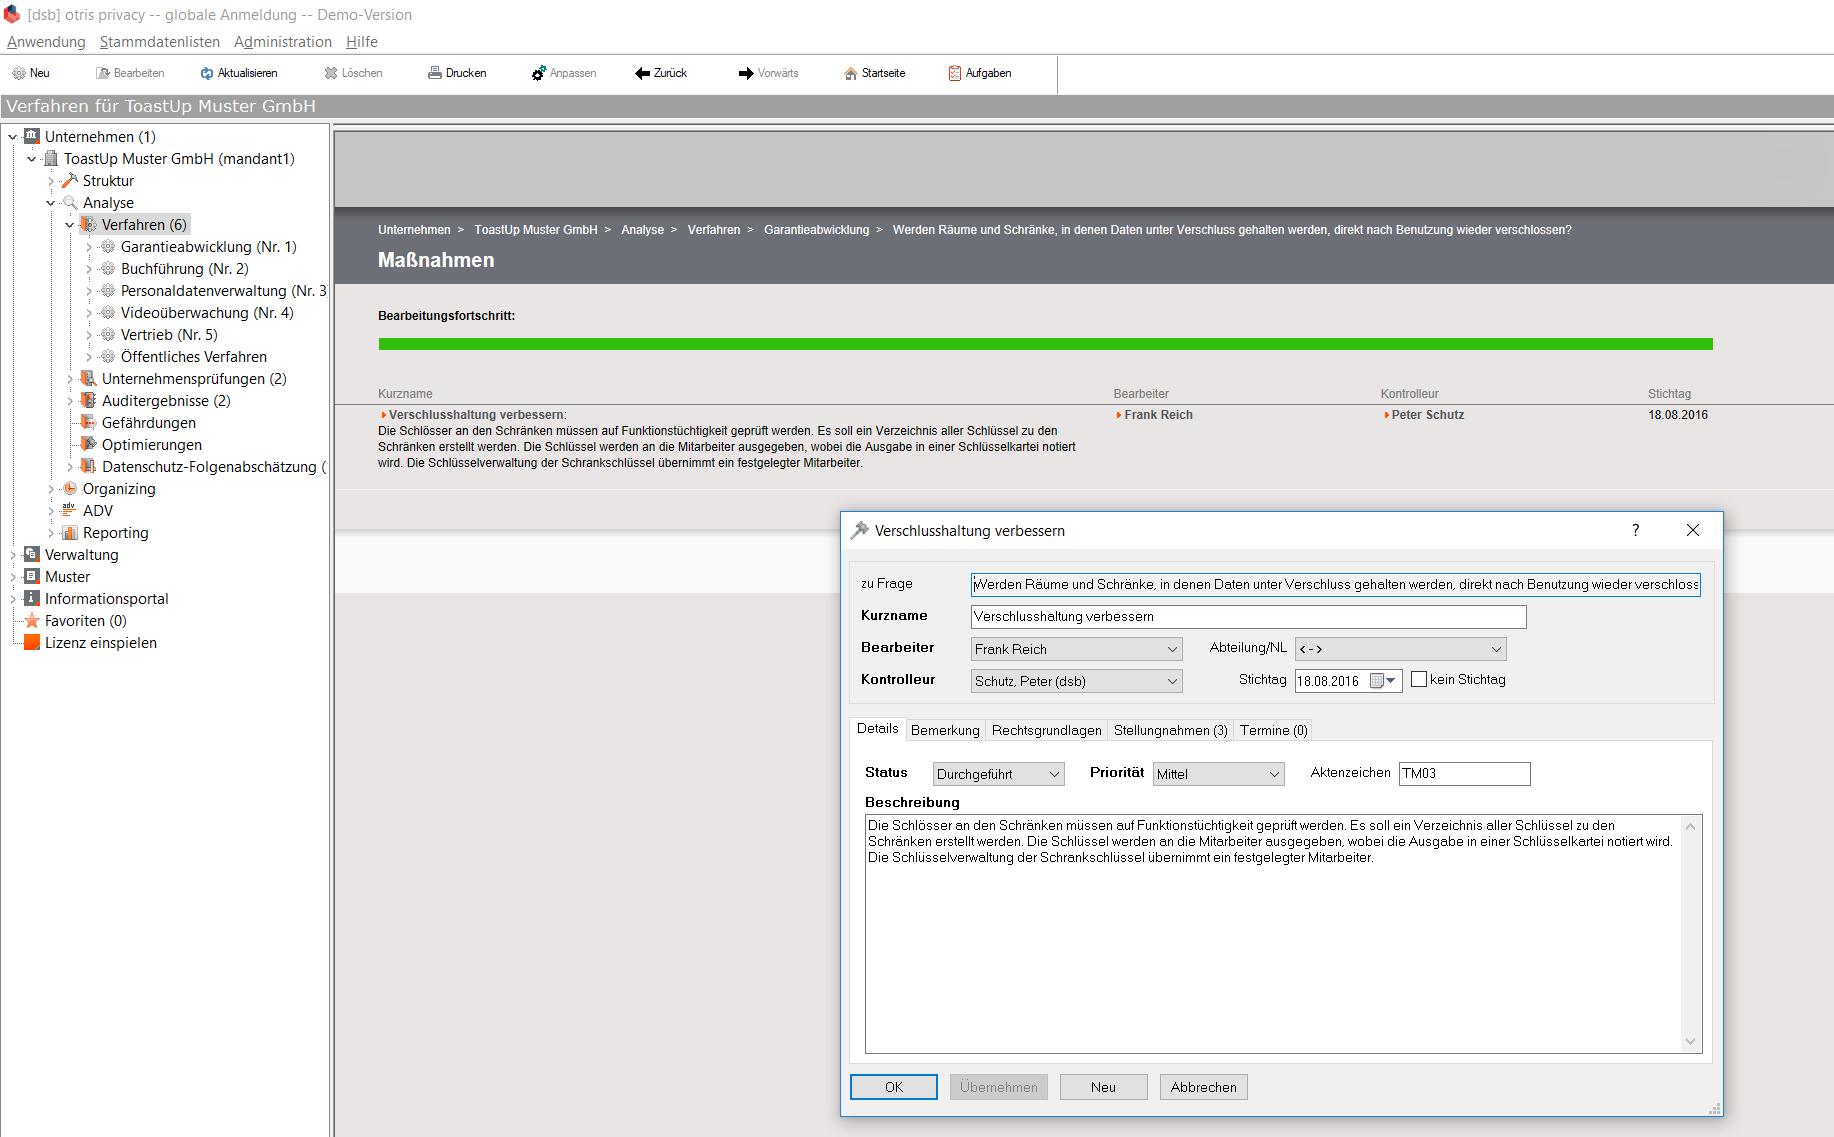 otris privacy - Datenschutzmanagement - Mapnahmen-Kontrolle